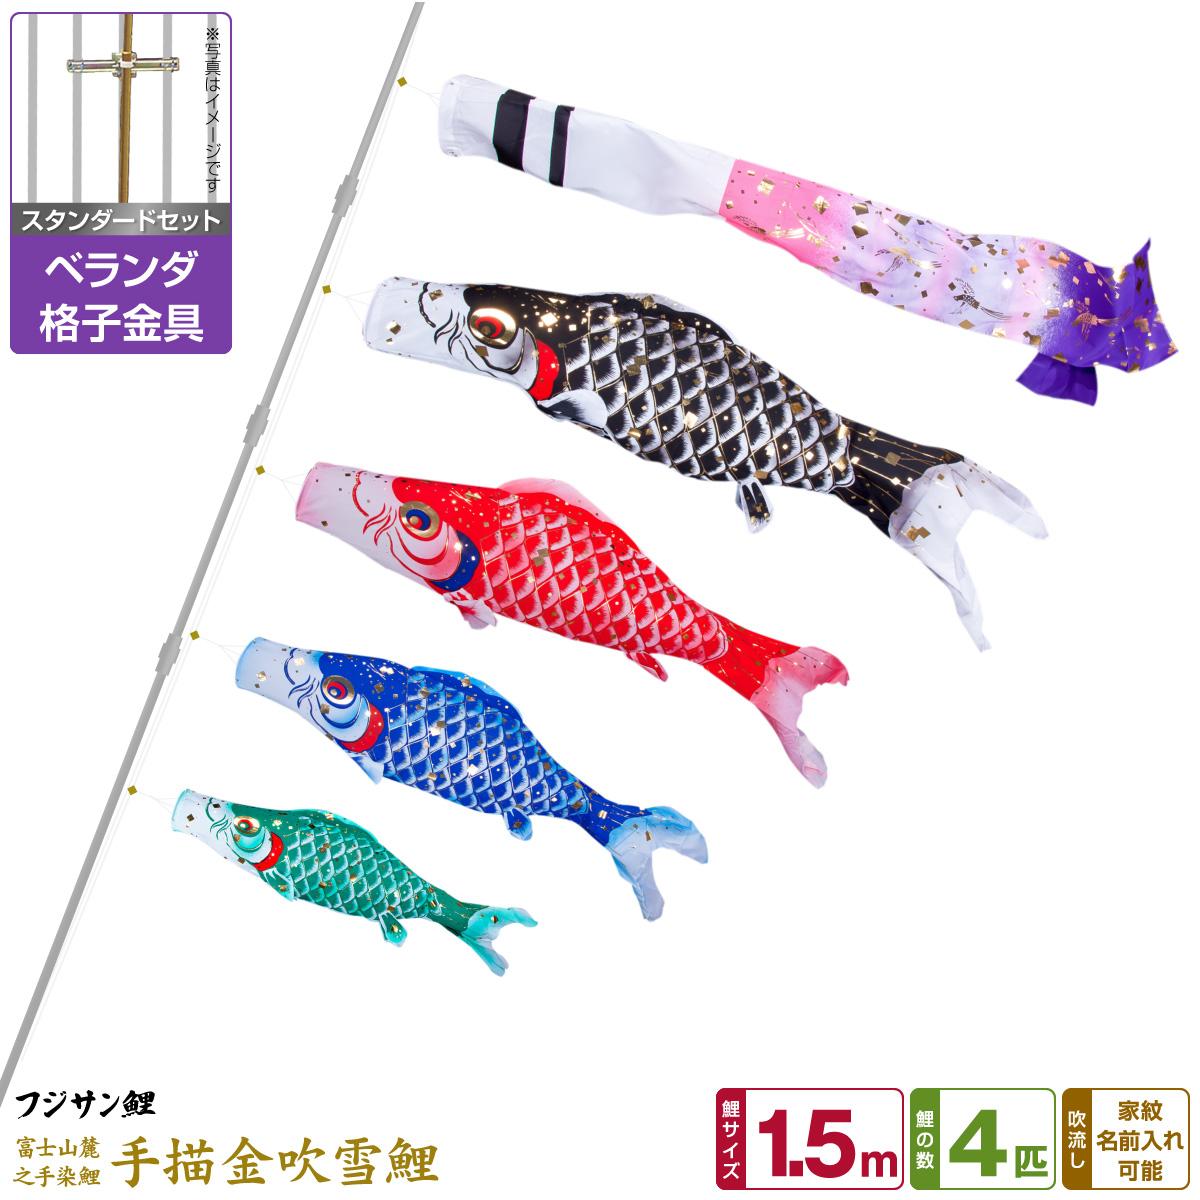 ベランダ用 こいのぼり 鯉のぼり フジサン鯉 手描金吹雪鯉 1.5m 7点(吹流し+鯉4匹+矢車+ロープ)/スタンダードセット(格子金具)